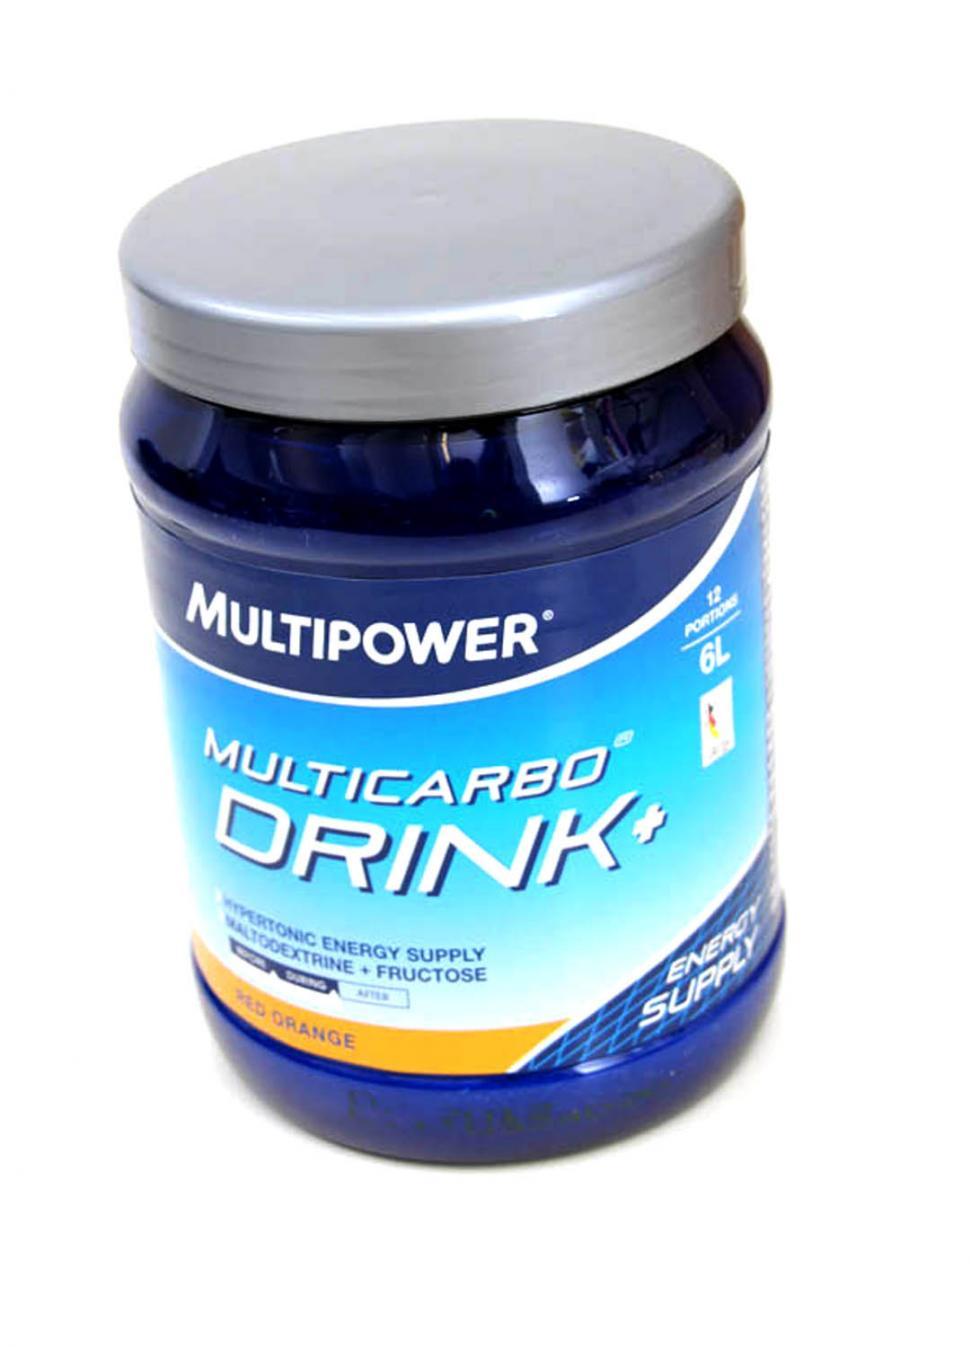 Mutlipower Multicarbo Drink